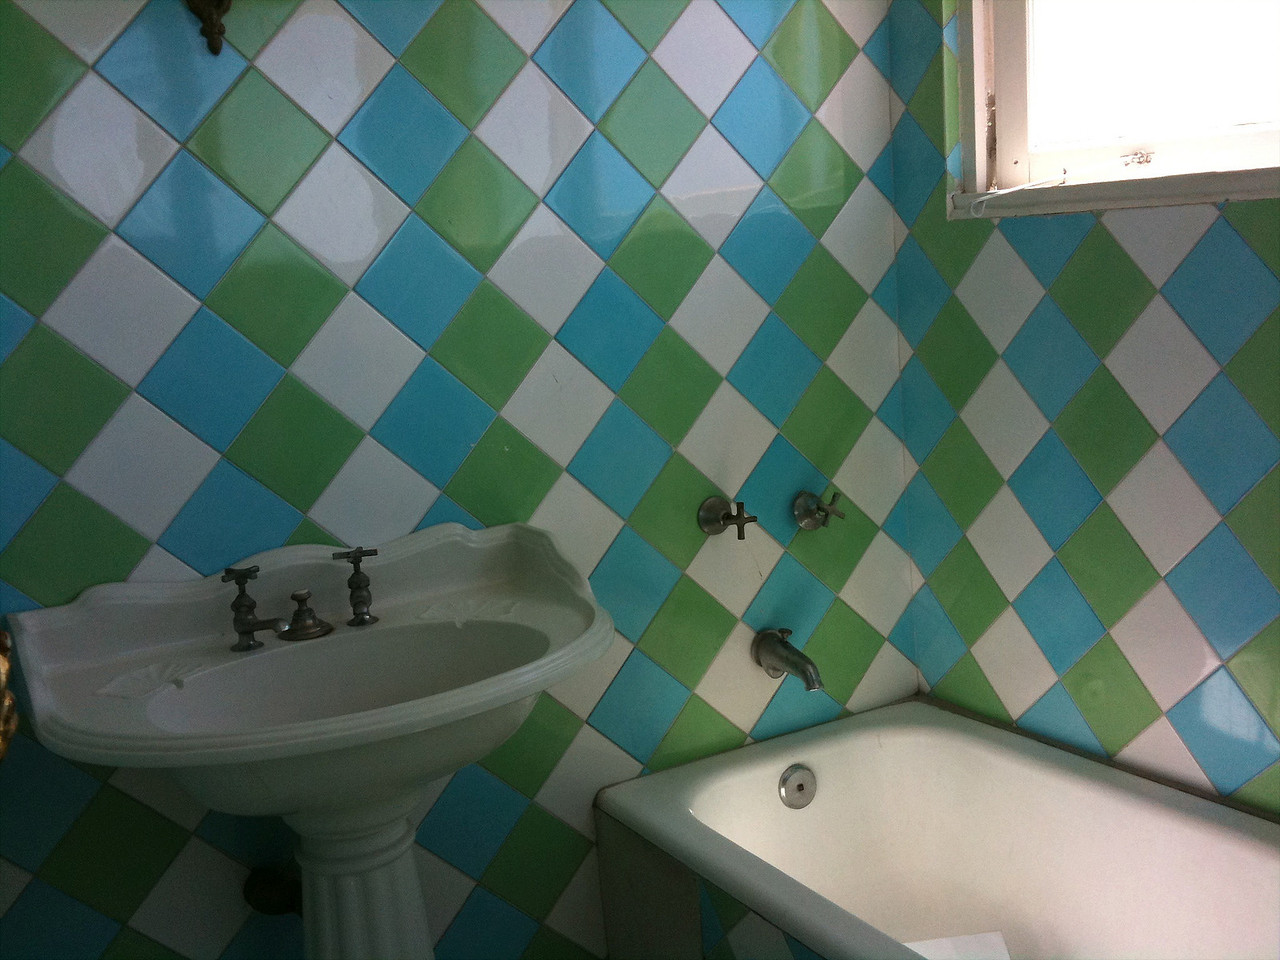 Pablo Neruda's bathroom